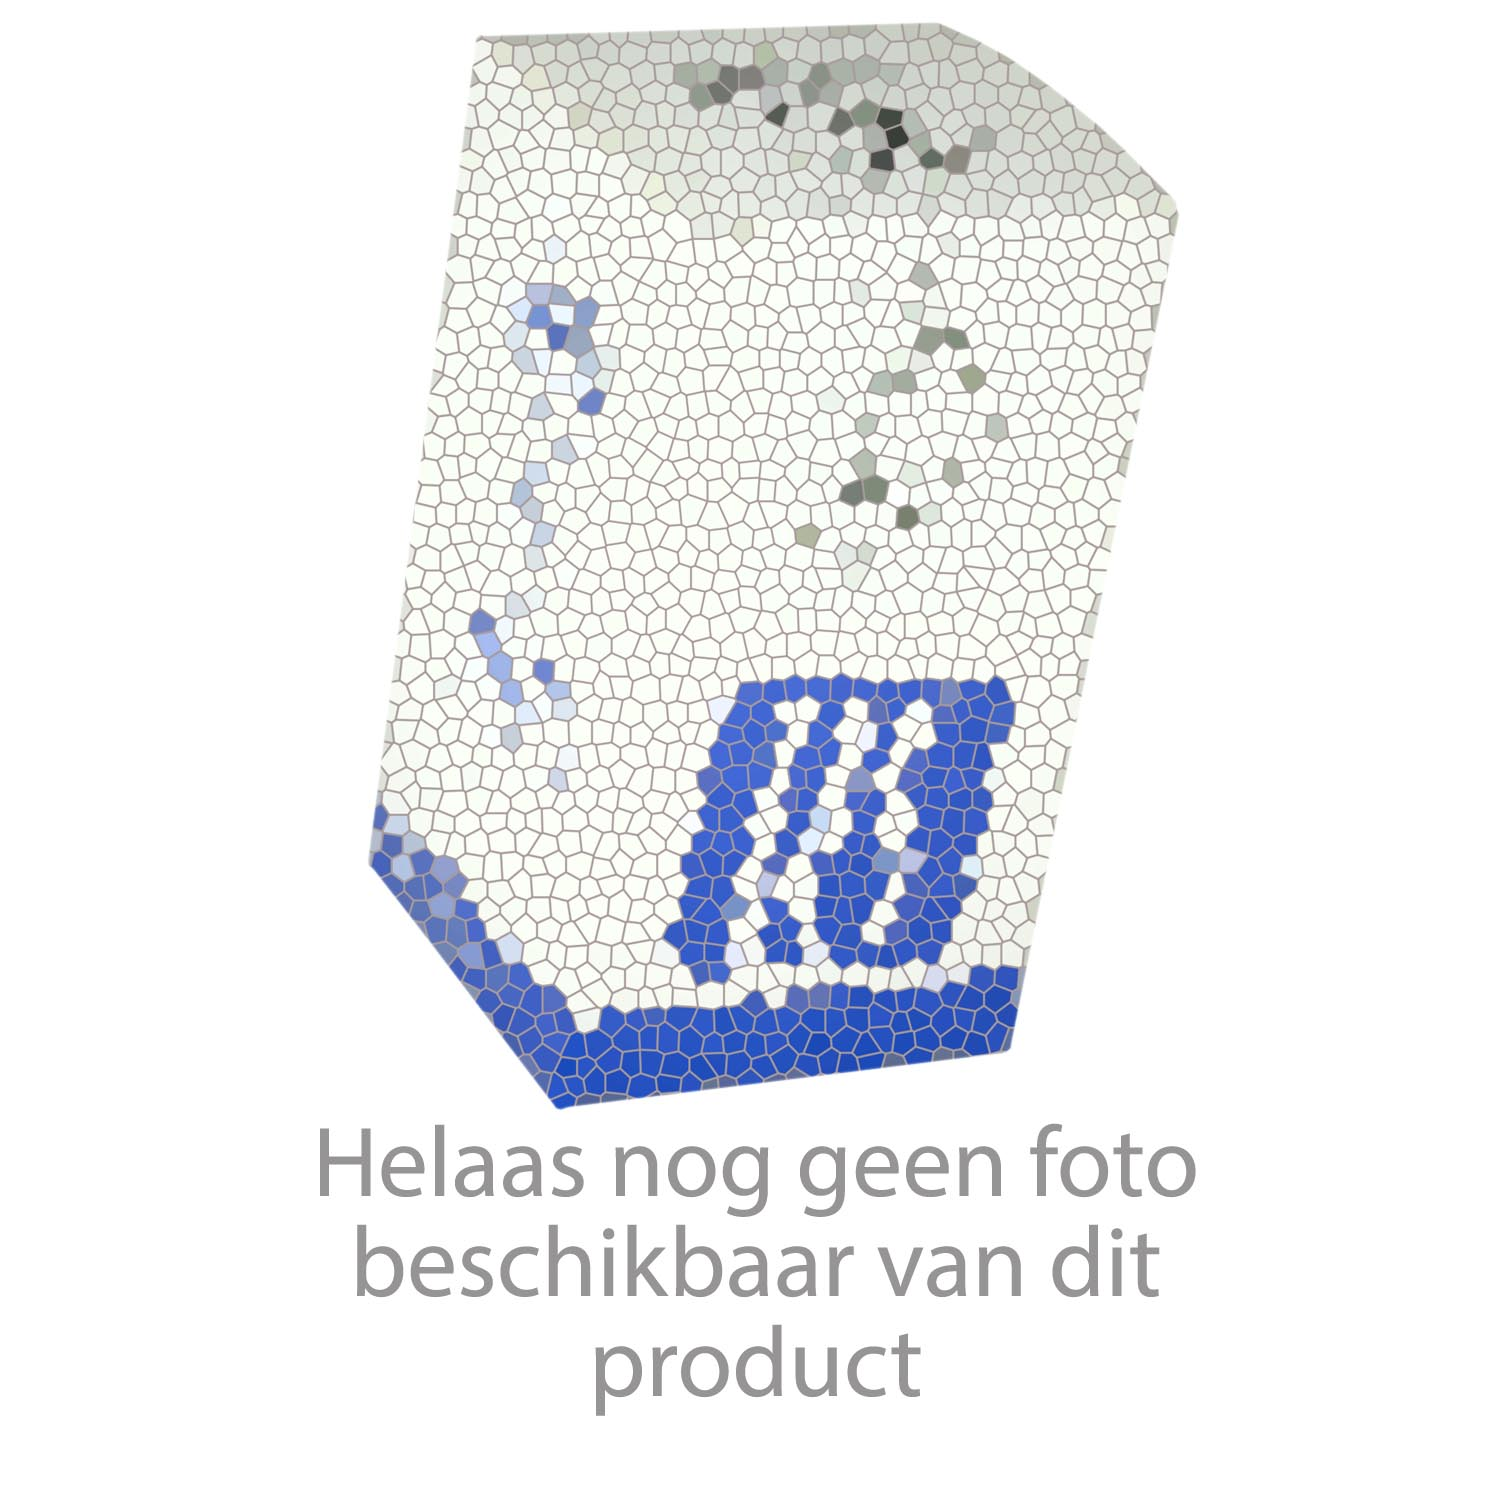 Gessi Cartouche 25mm voor serie Rettangolo, Mimi, Eleganza en Transparenze 01805 / SP01233